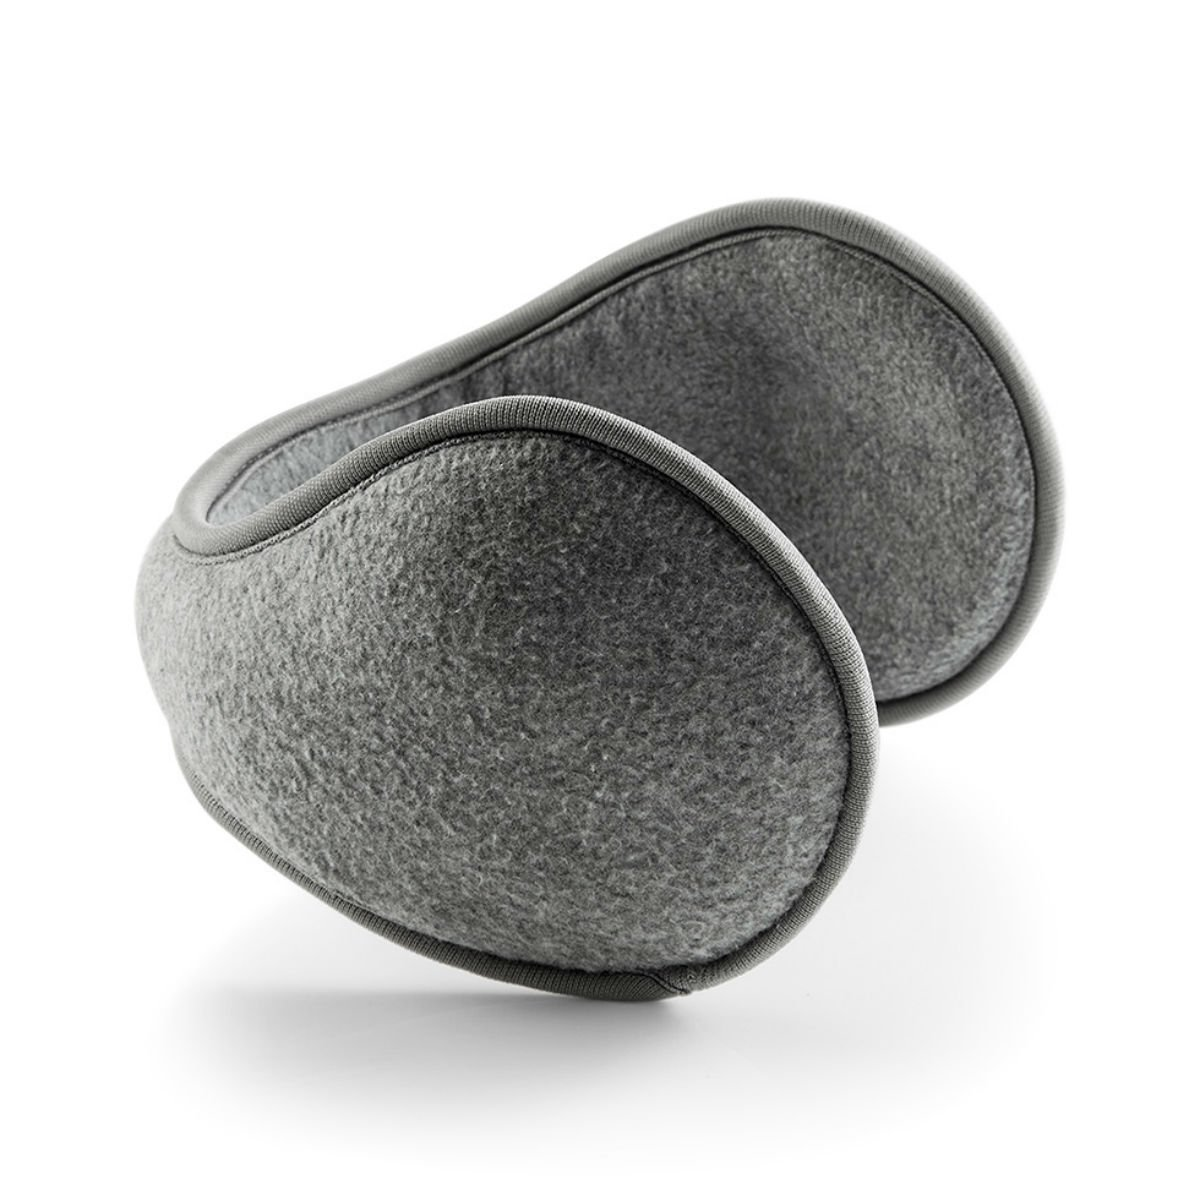 Beechfield Unisex Suprafleece Ear Muffs Winter Sports Headwear Headband Warmer